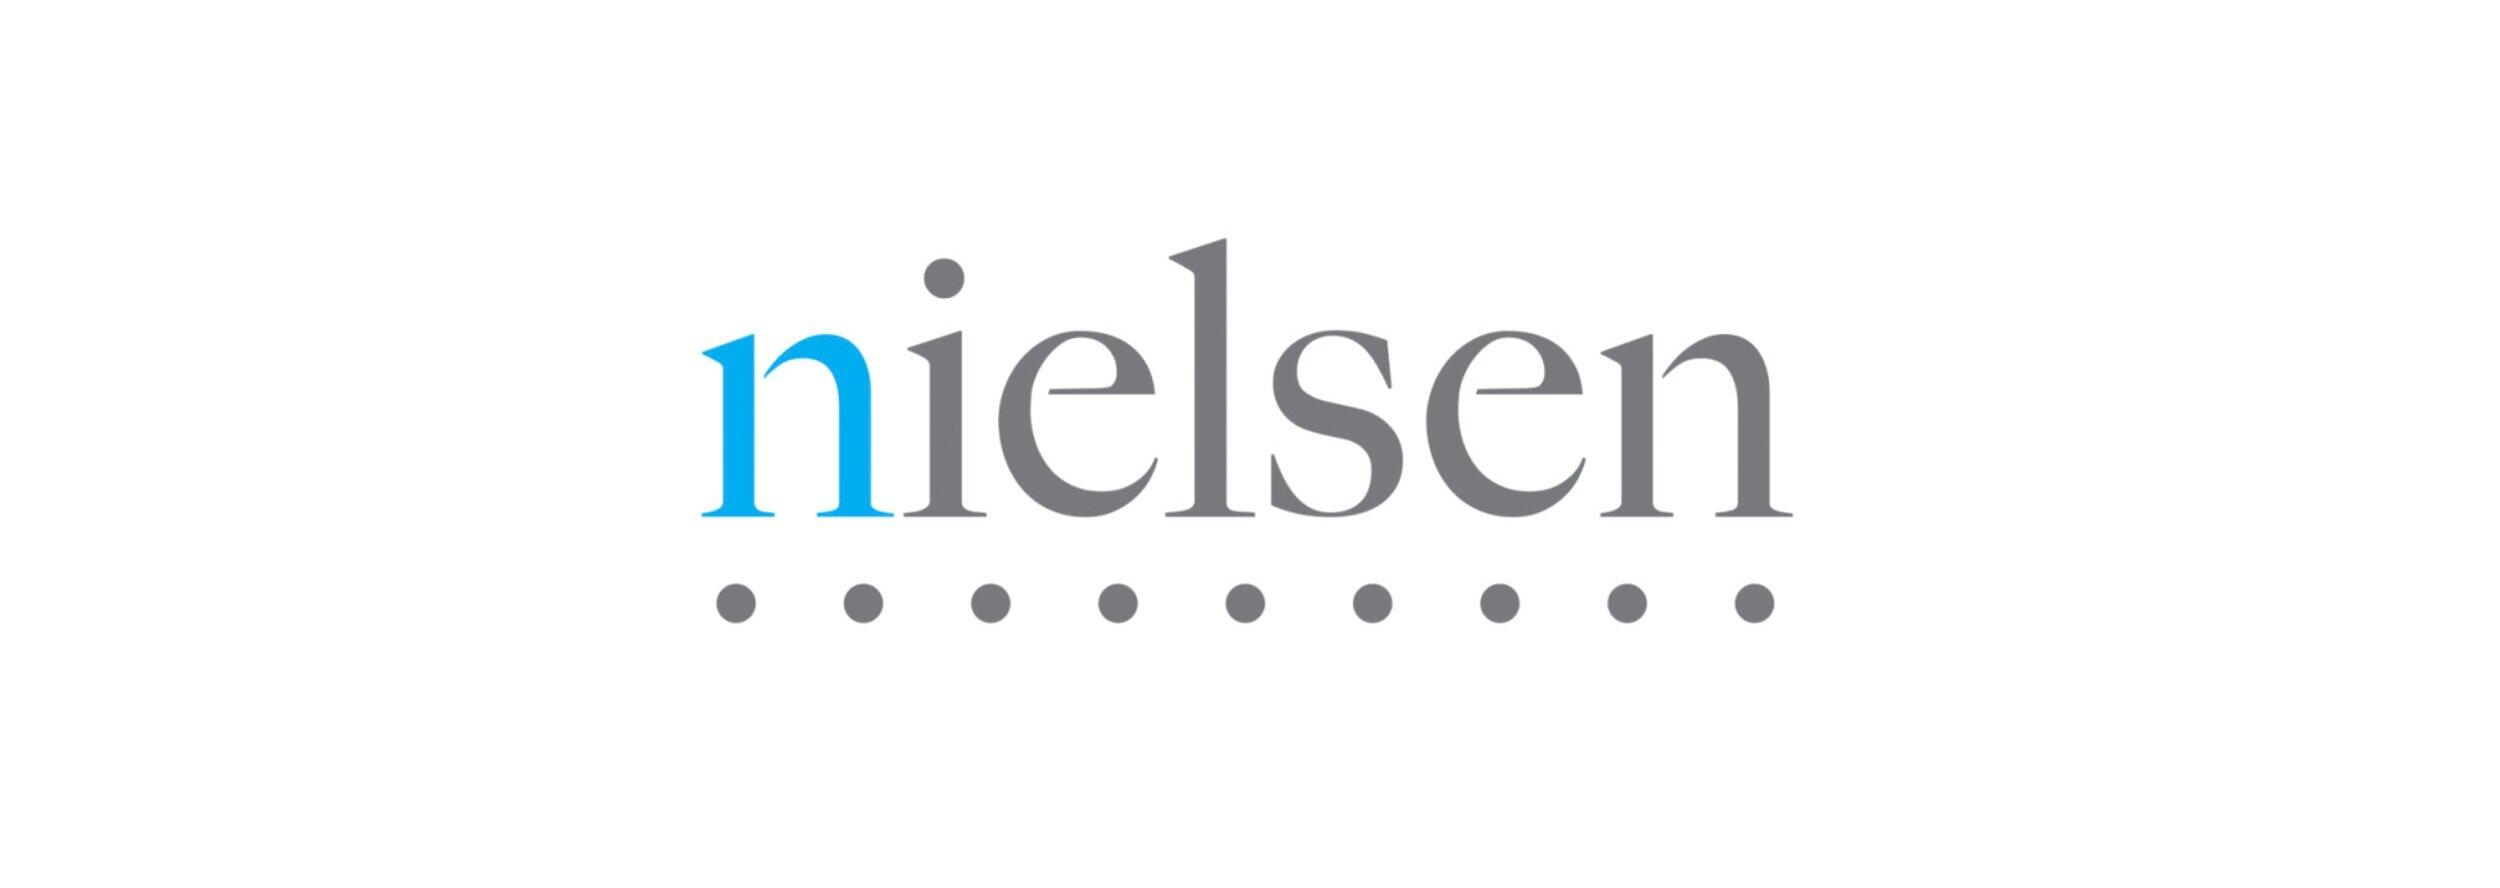 nielsen+logo.001.jpg